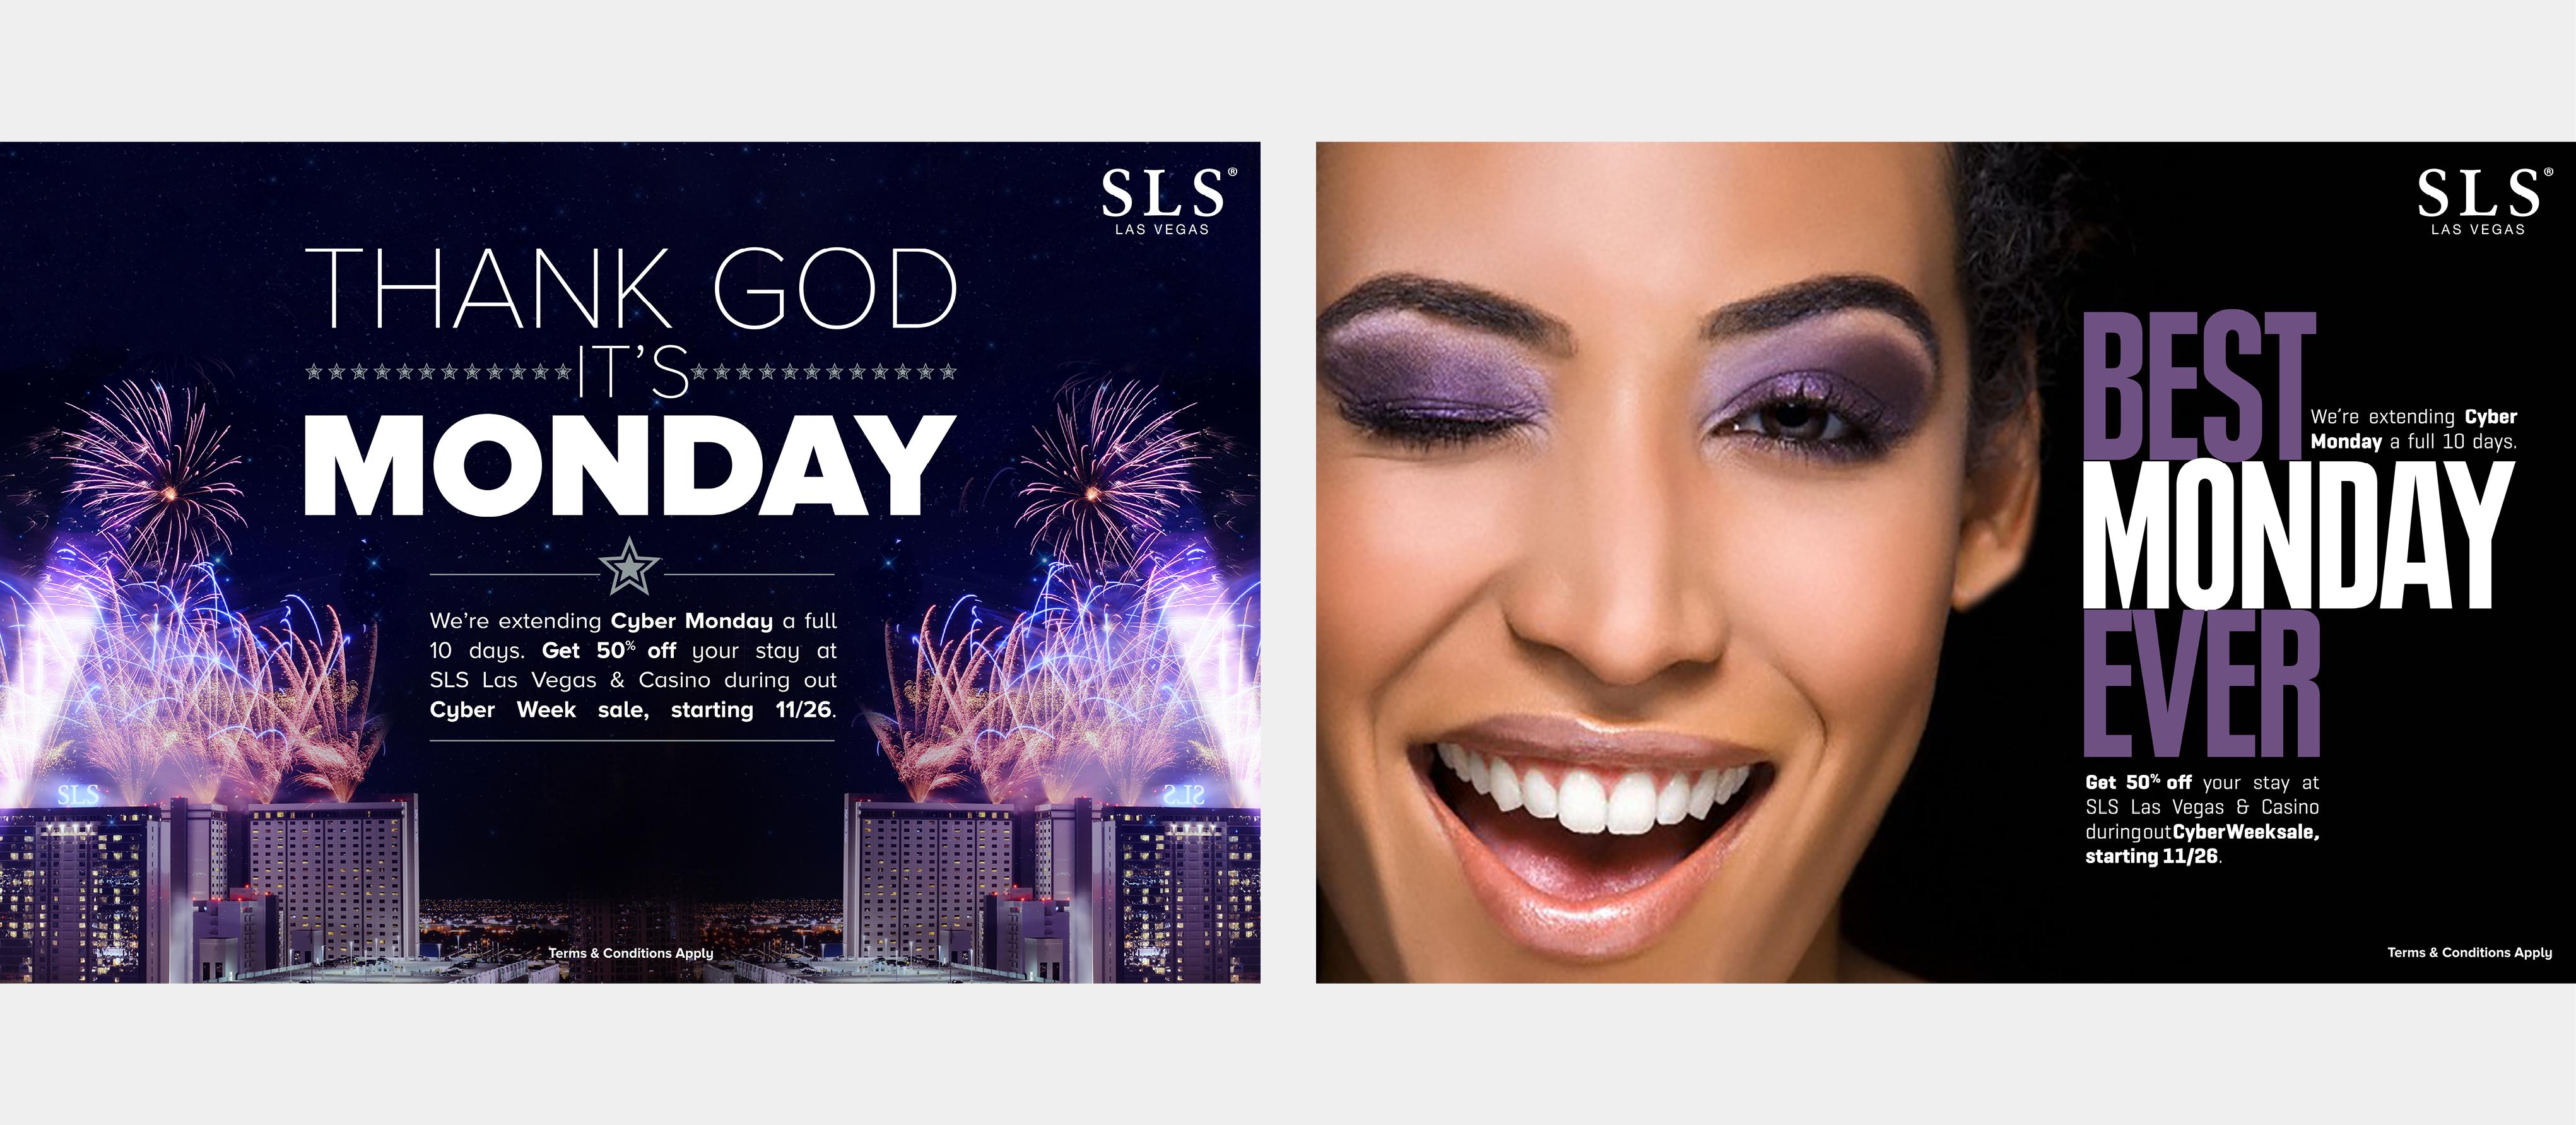 SBE, SLS Las Vegas